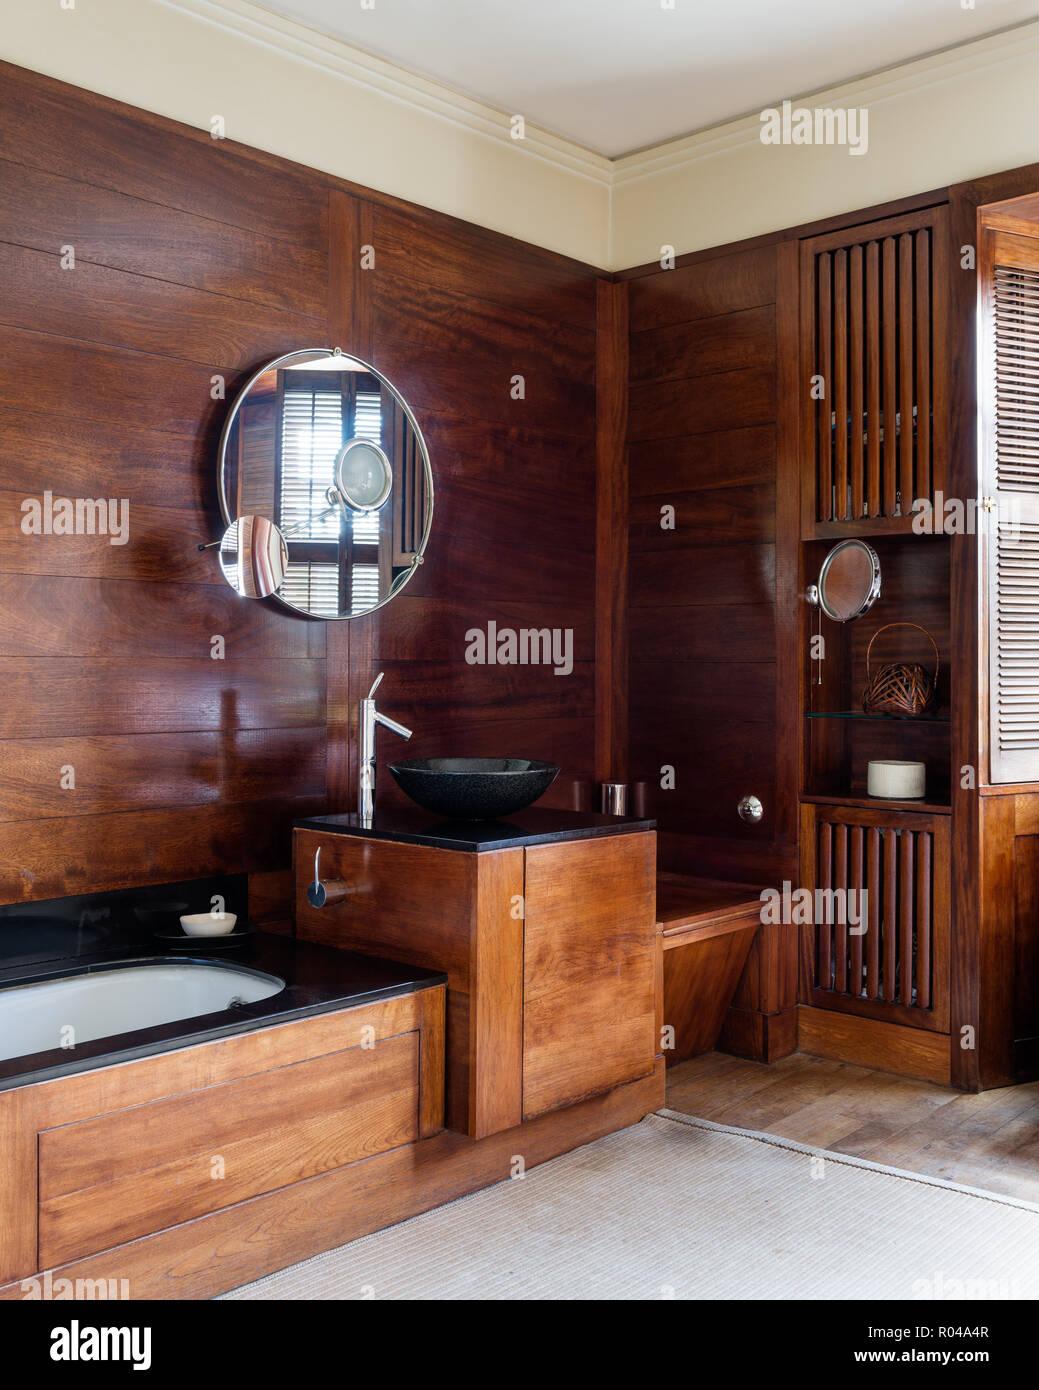 Holz Badezimmer Stockfoto Bild 223830567 Alamy